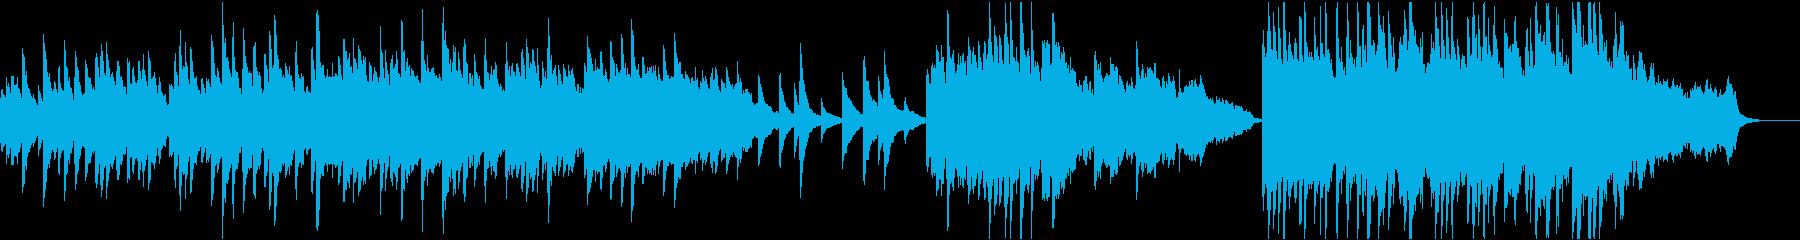 企業VP47 16bit44kHzVerの再生済みの波形